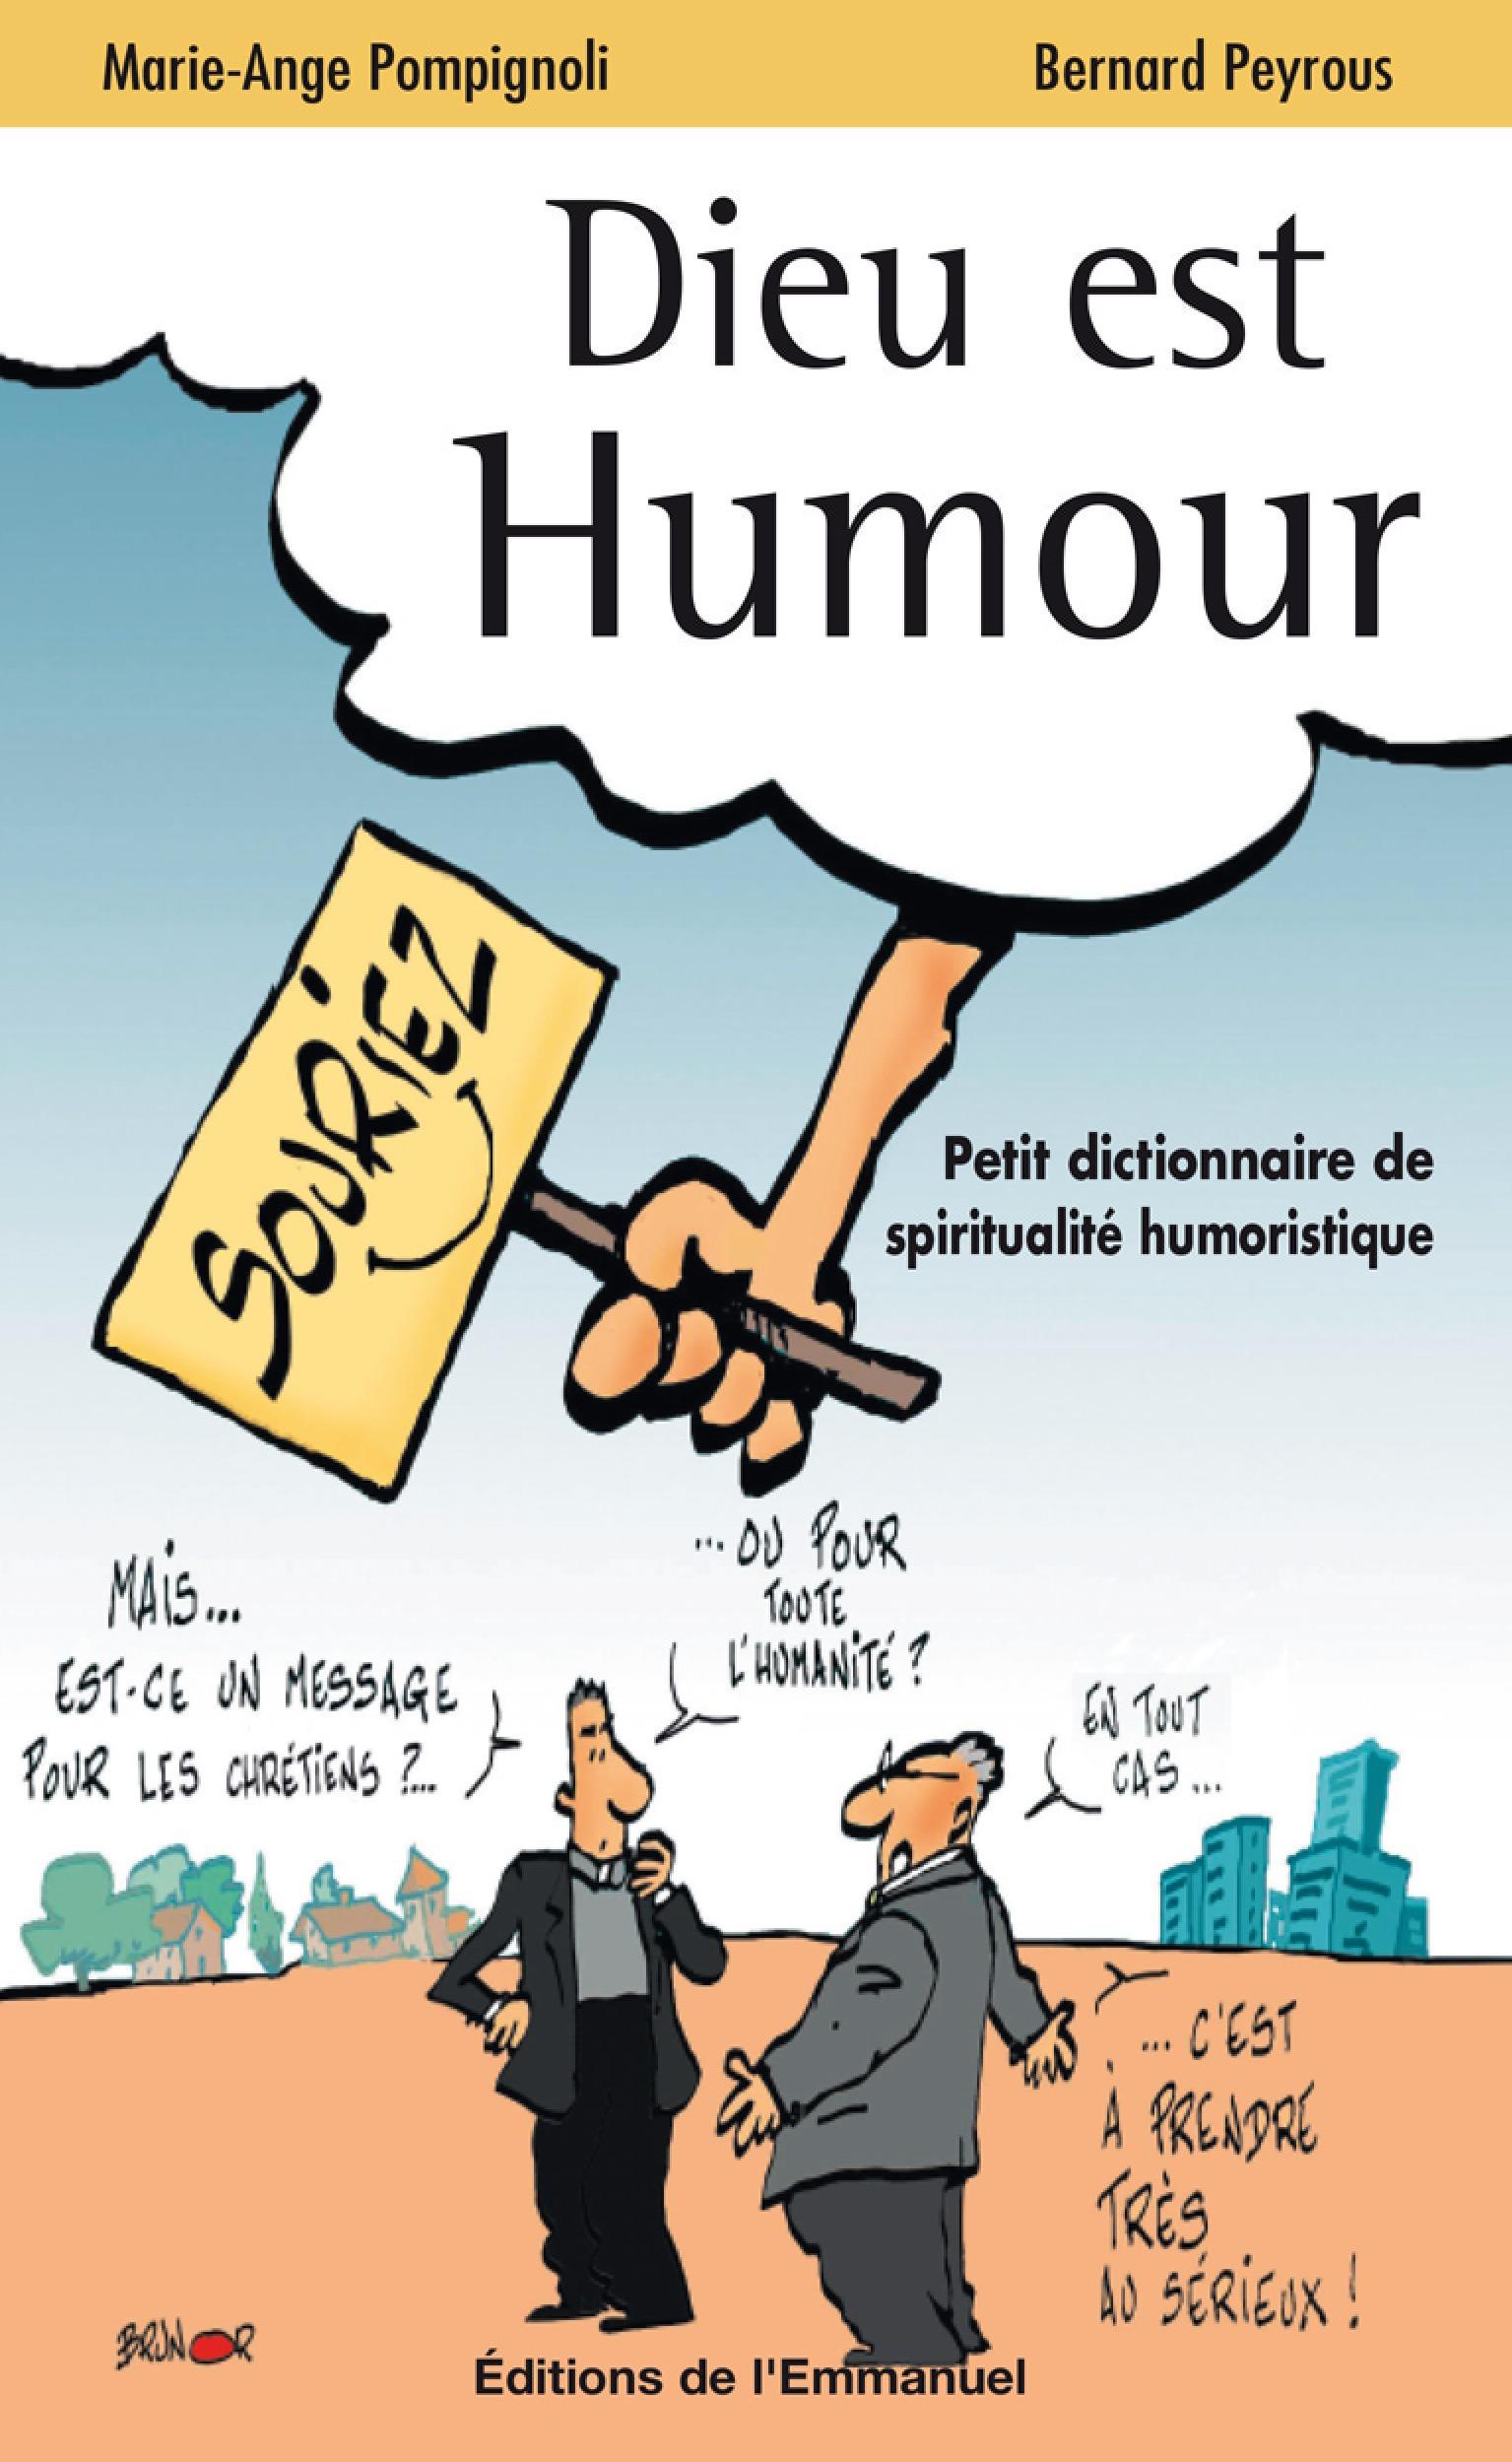 Bernard Peyrous Dieu est humour